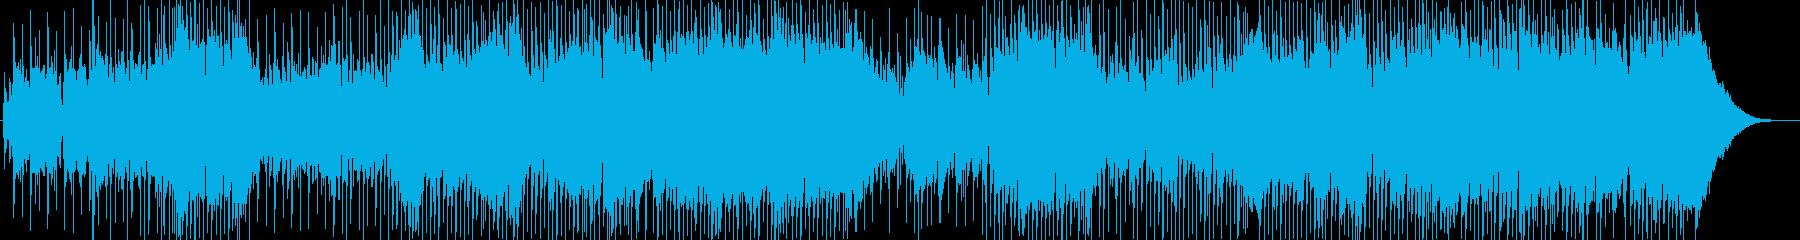 ギターとブルースハープのハードロックの再生済みの波形